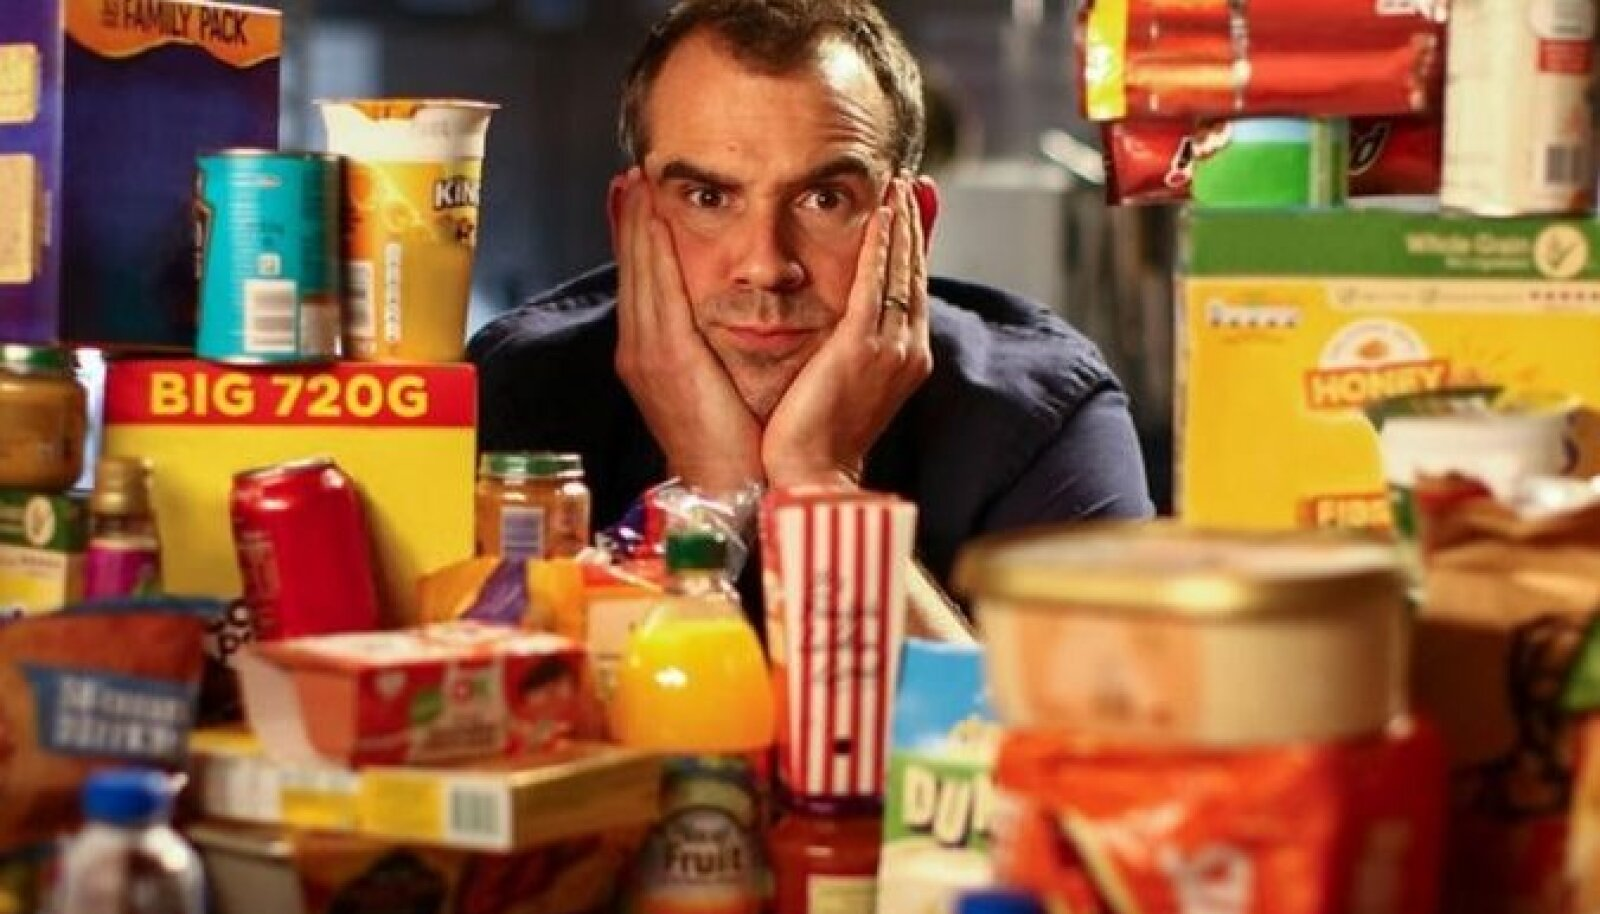 Телеведущий доктор Крис ван Туллекен поставил перед собой задачу в течение месяца придерживаться диеты, состоящей в основном из переработанных продуктов